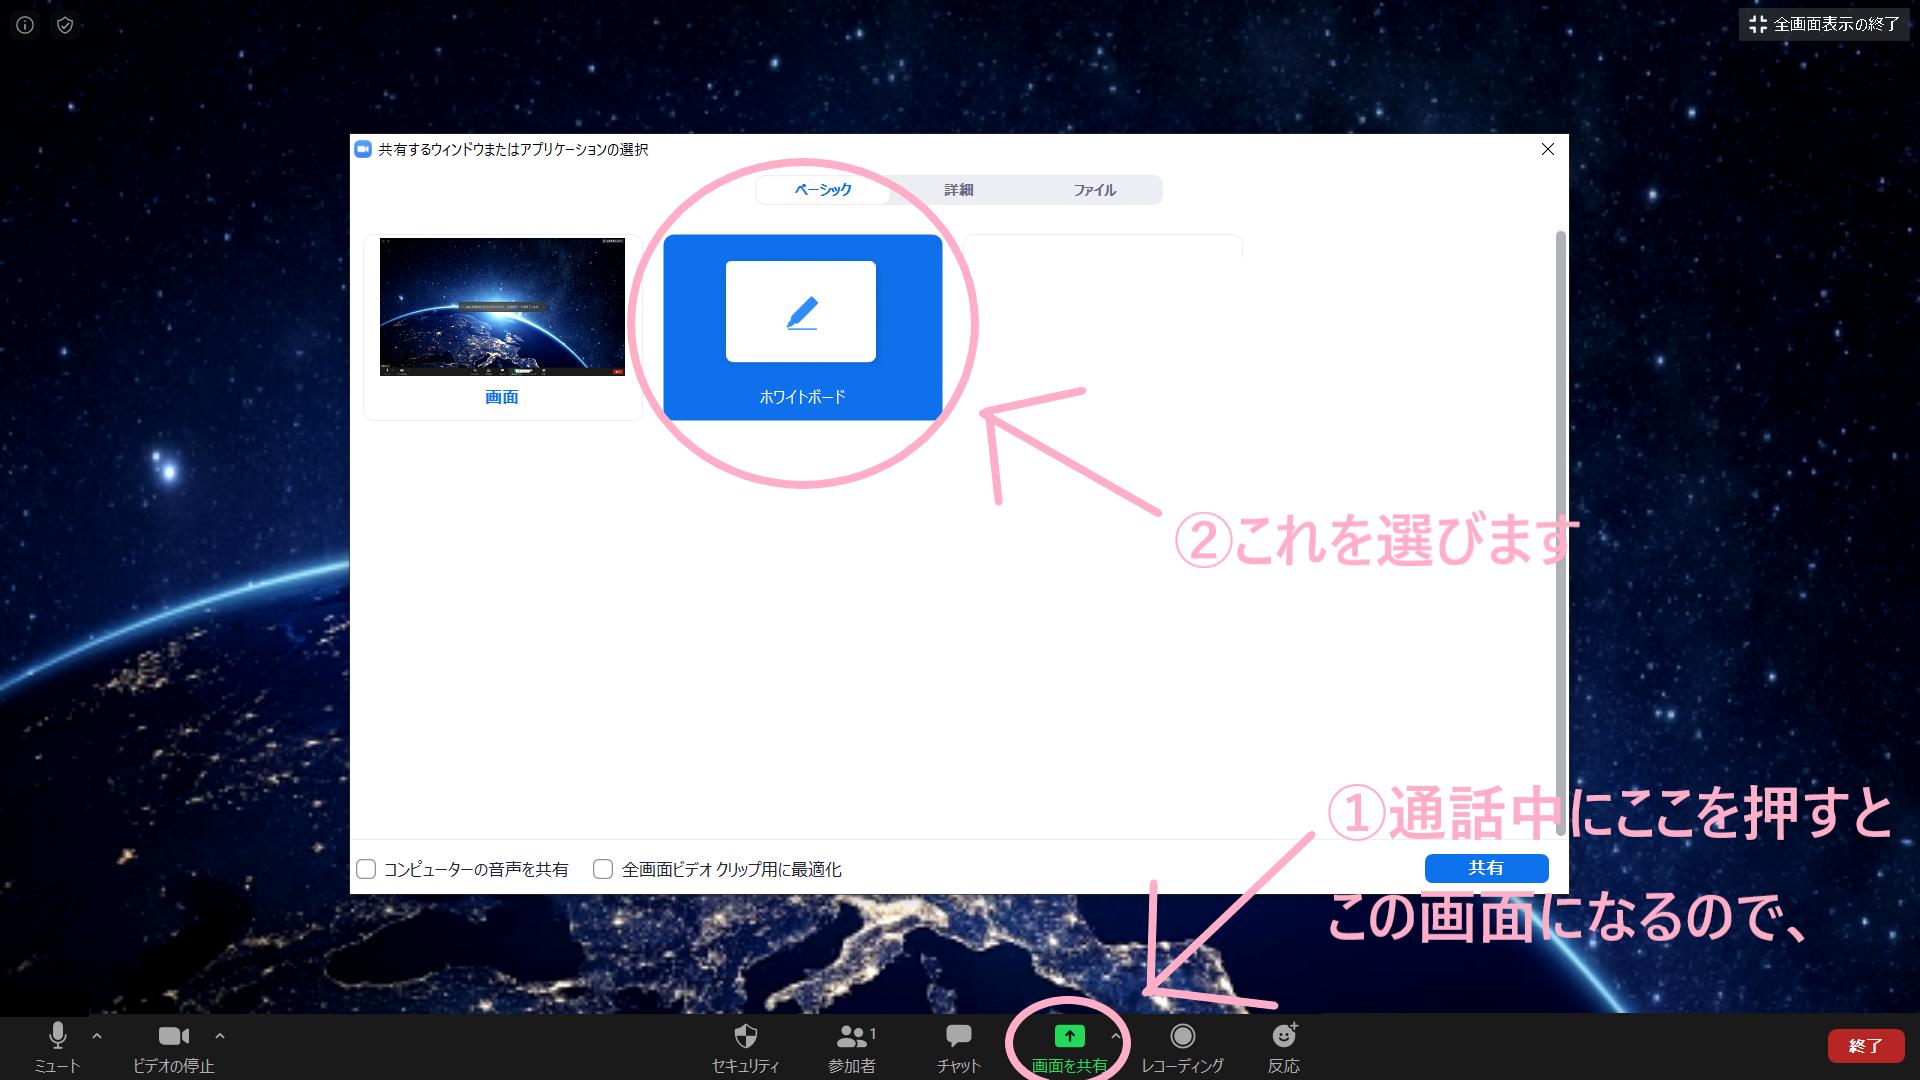 【画像で解説】WEB会議でもホワイトボードが使える!「Zoom」で社内会議をする際の工夫 - 【画像で解説】WEB会議でもホワイトボードが使える!「Zoom」で社内会議をする際の工夫